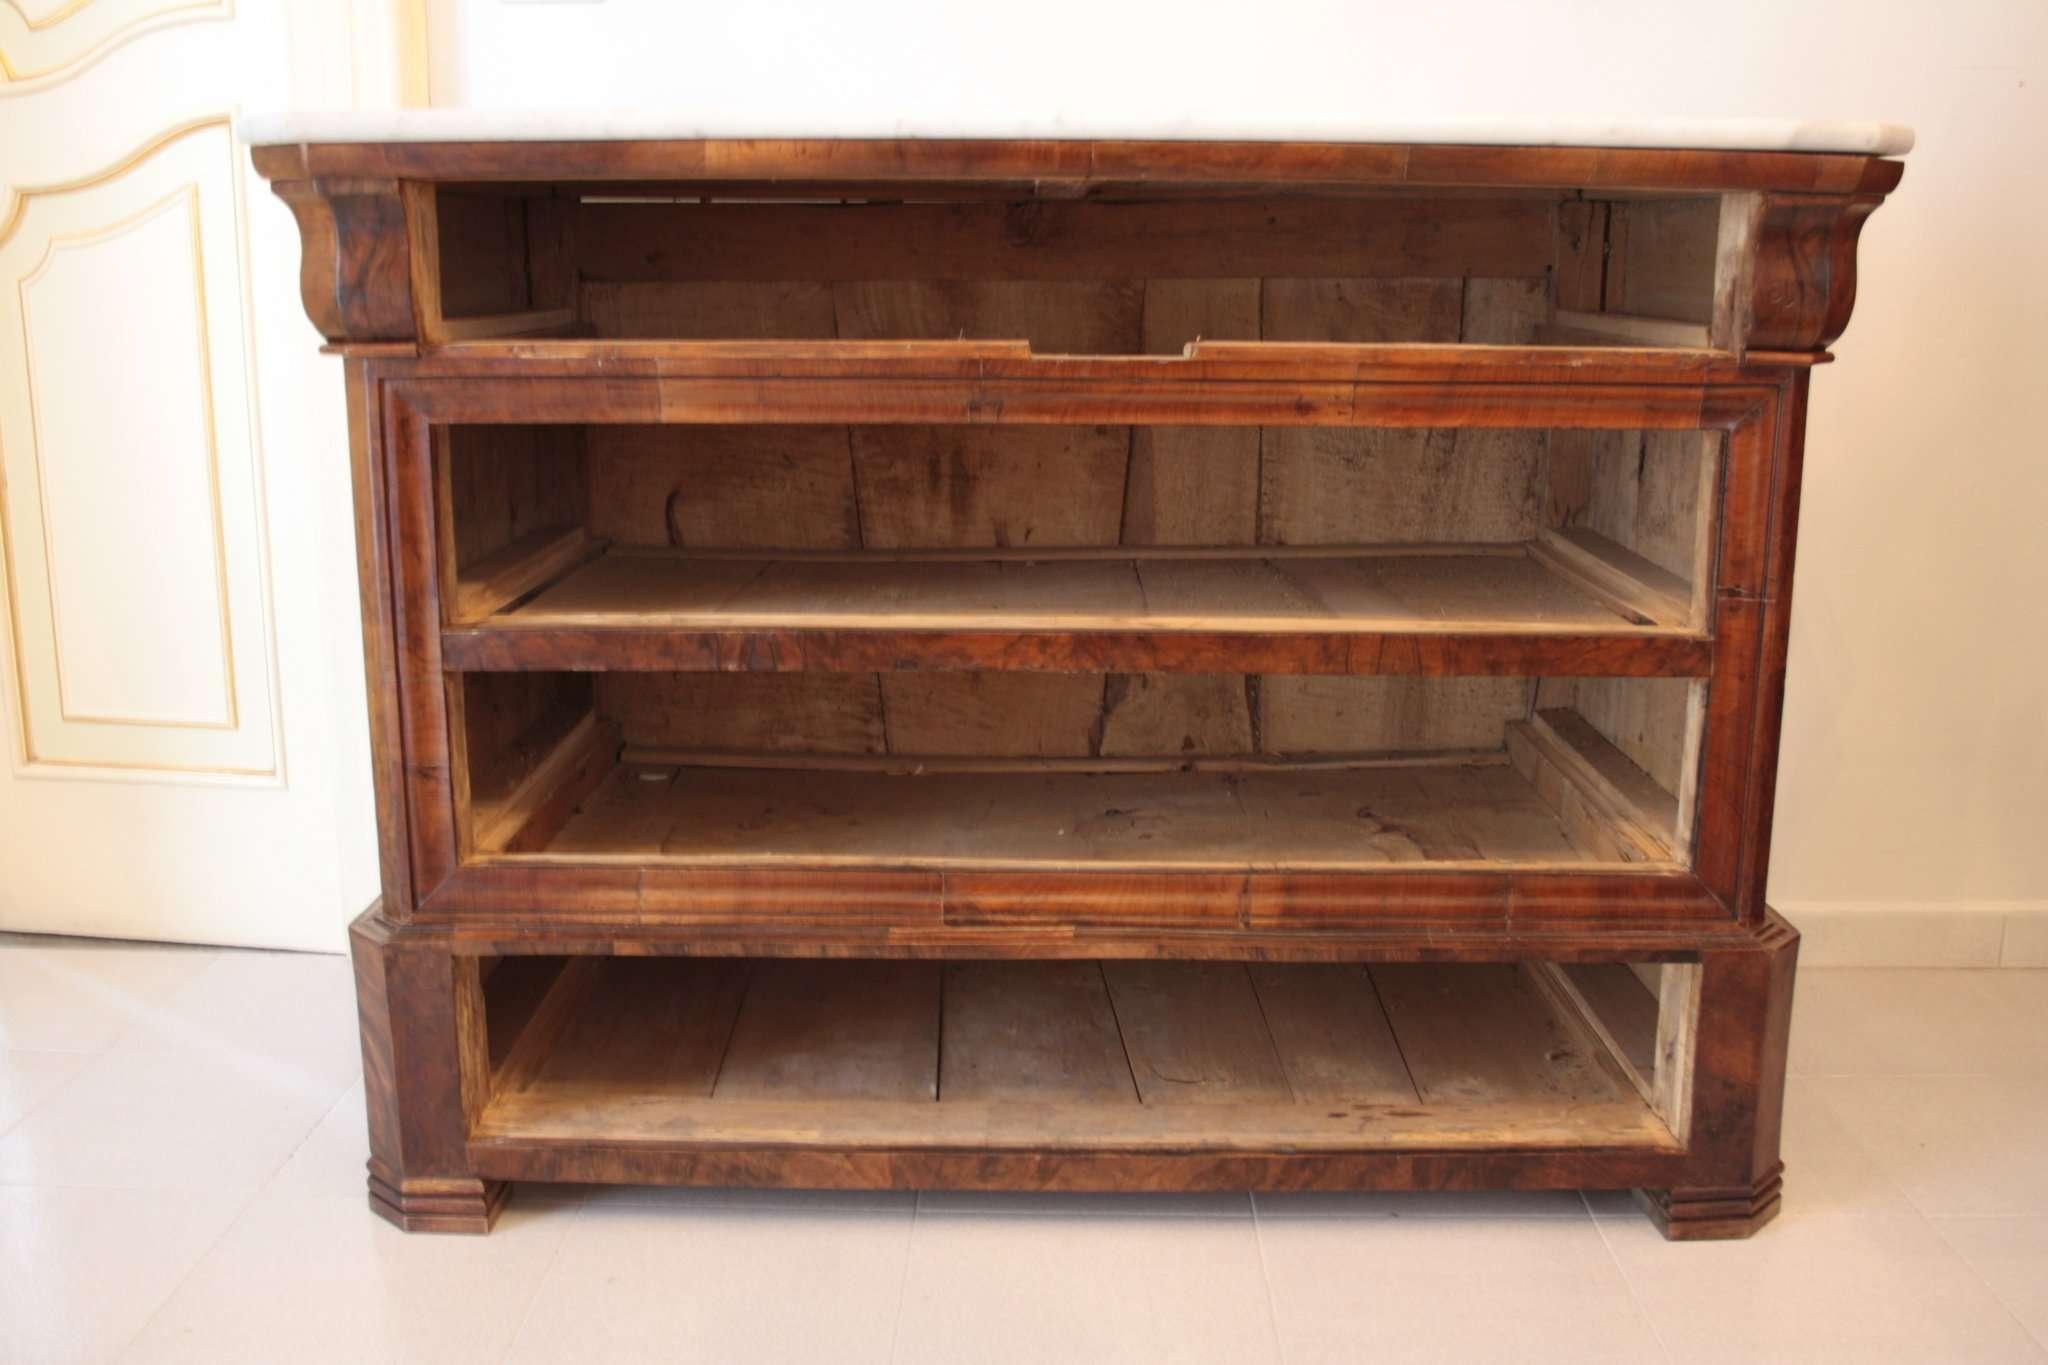 dresser karl x 1825 1835 verarbeitung napoli ebay. Black Bedroom Furniture Sets. Home Design Ideas